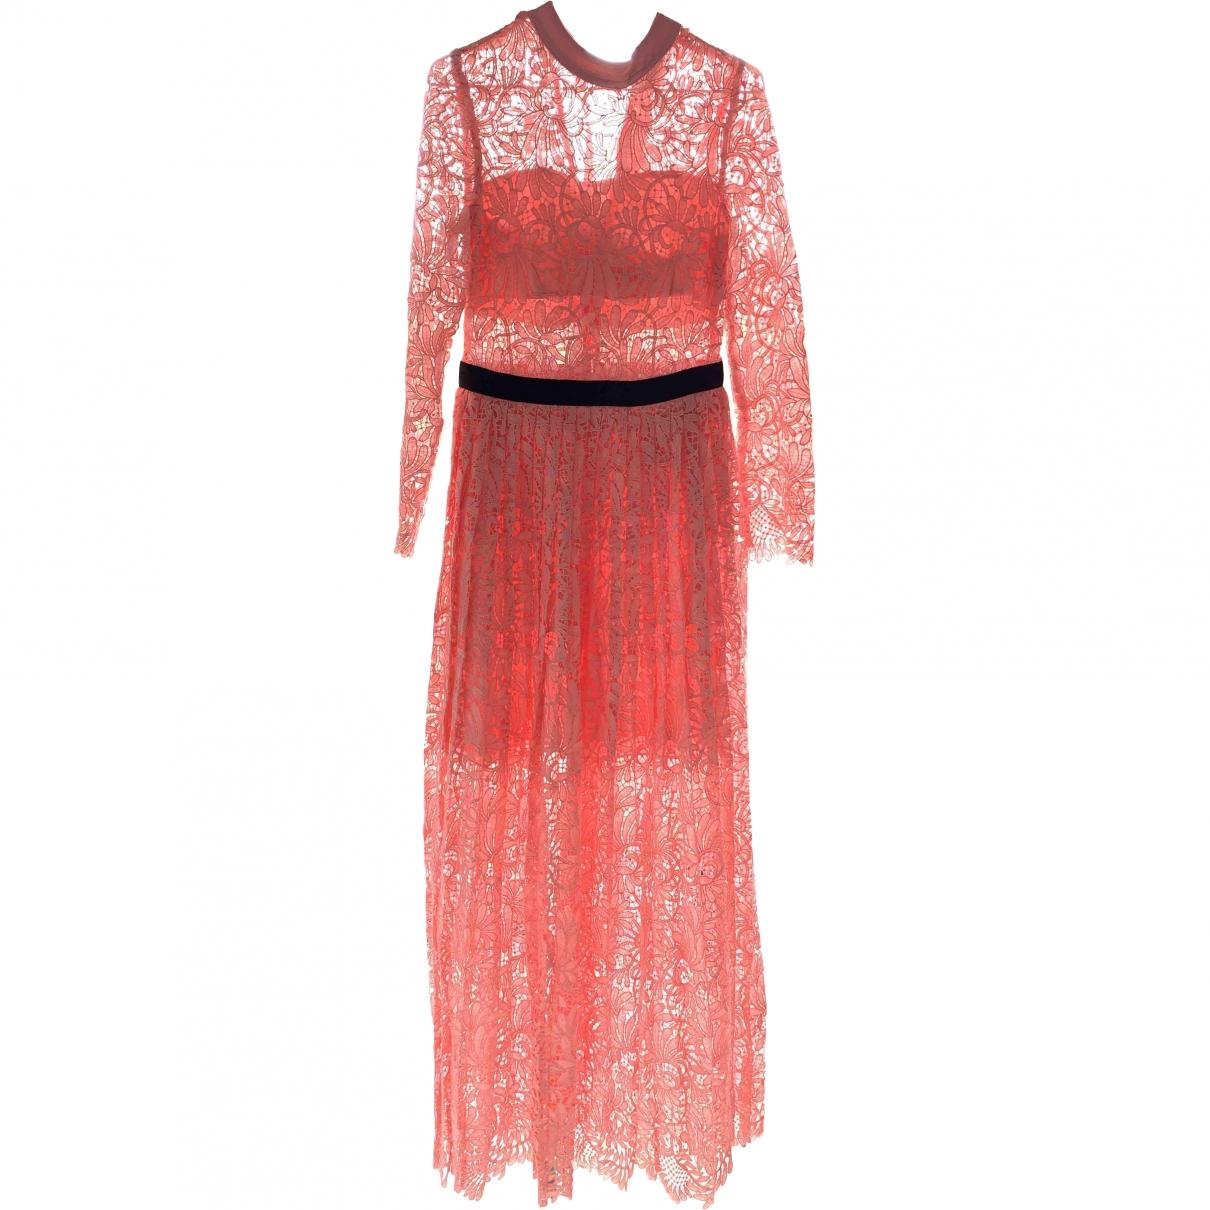 Self Portrait \N Pink Lace dress for Women 10 UK